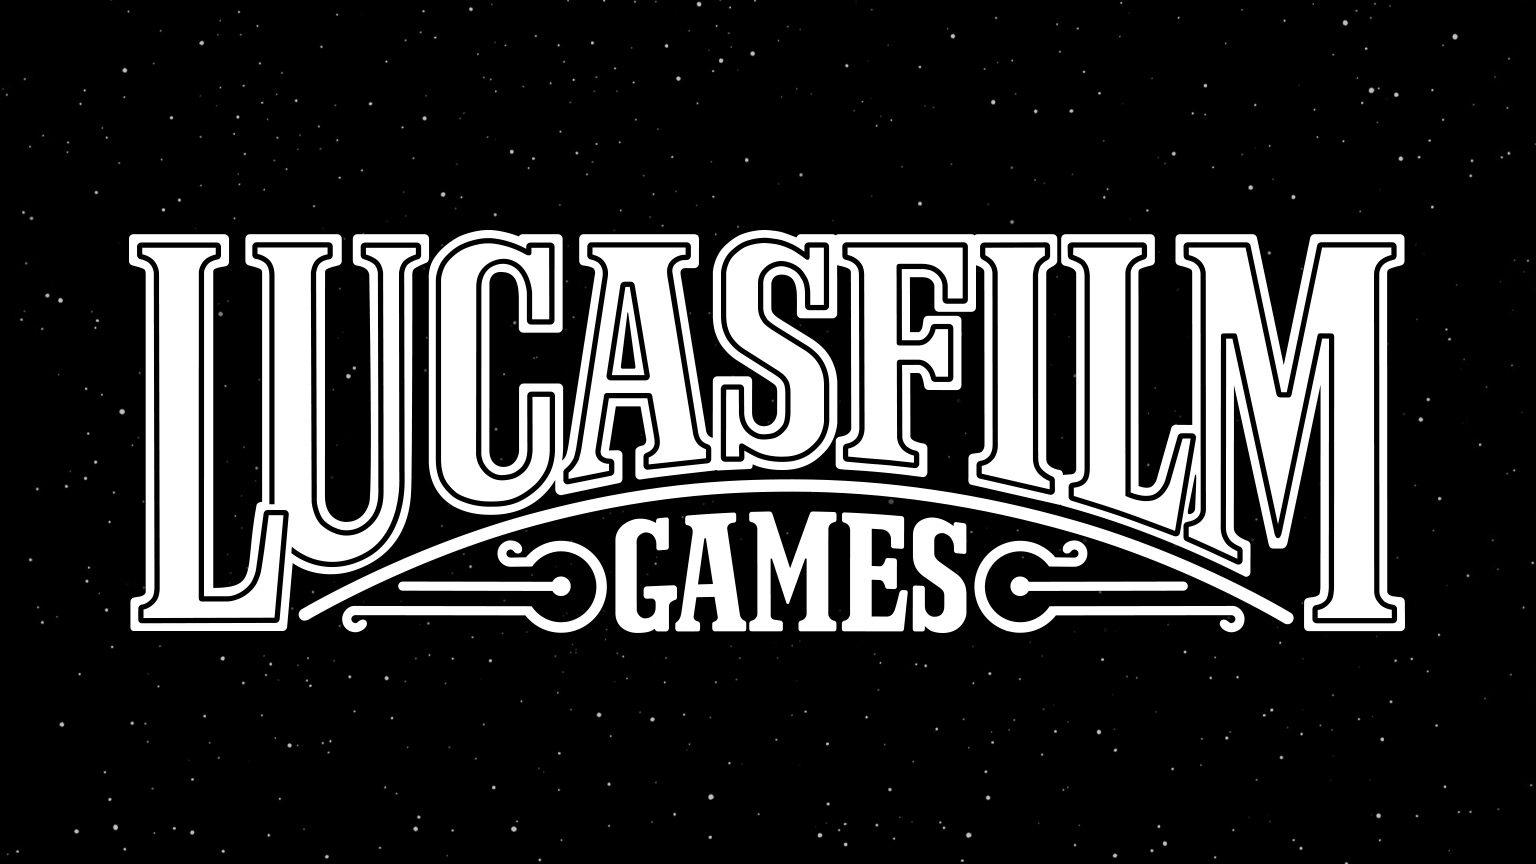 卢卡斯影业宣布重新启用旗下游戏品牌Lucasfilm Games